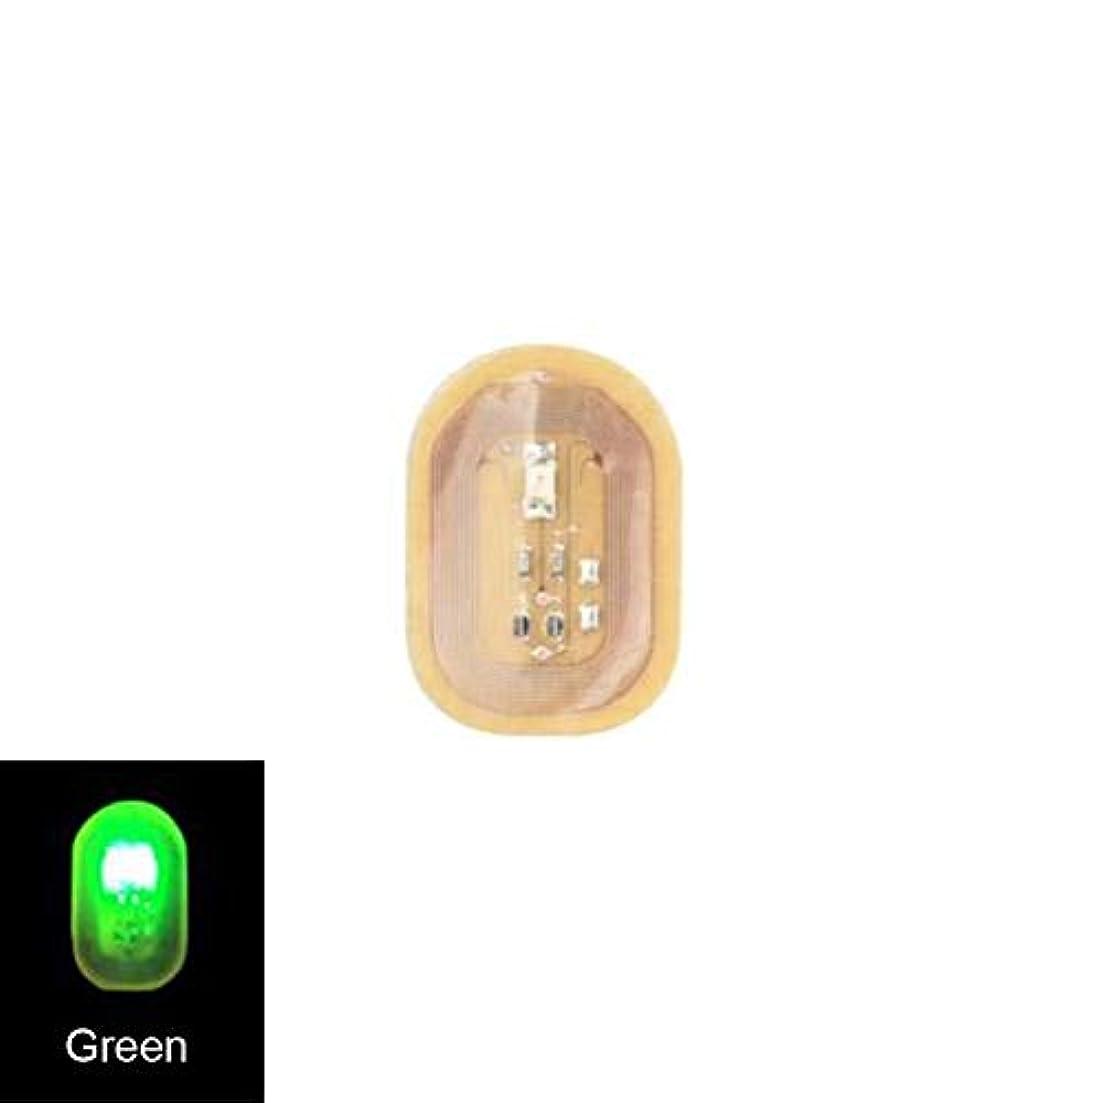 考え教師の日恐ろしいACHICOO ネイルステッカー NFC ネイルアート ヒント DIYステッカー 電話 LEDライト フラッシュパーティー デコレーション ネイルチップ 緑色の光